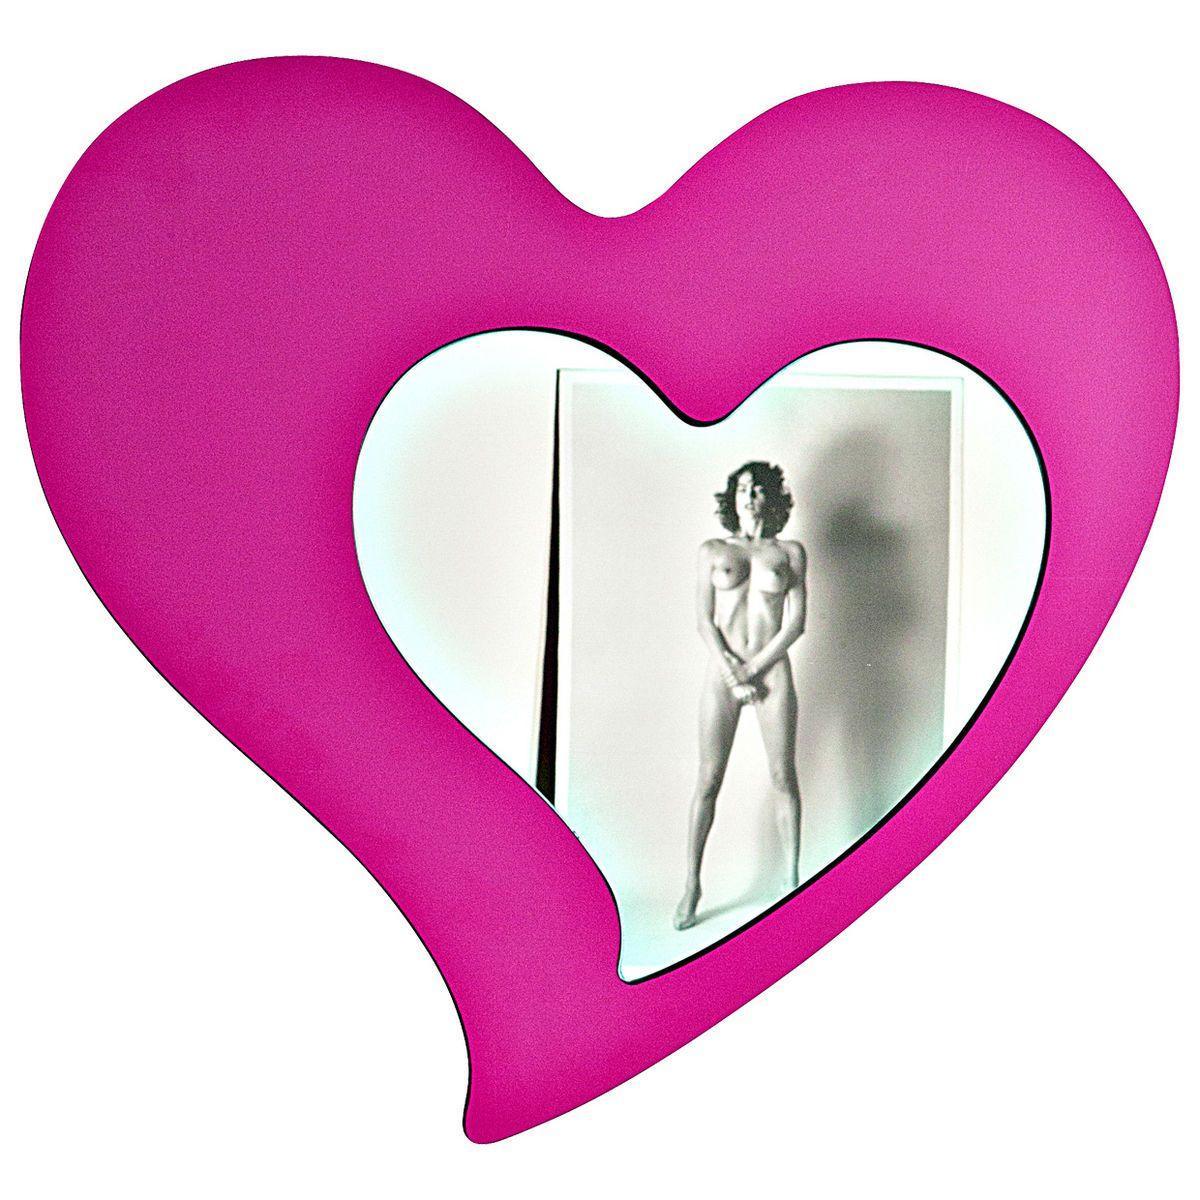 Specchio a forma di cuore con cornice a forma di cuore di colore fucsia